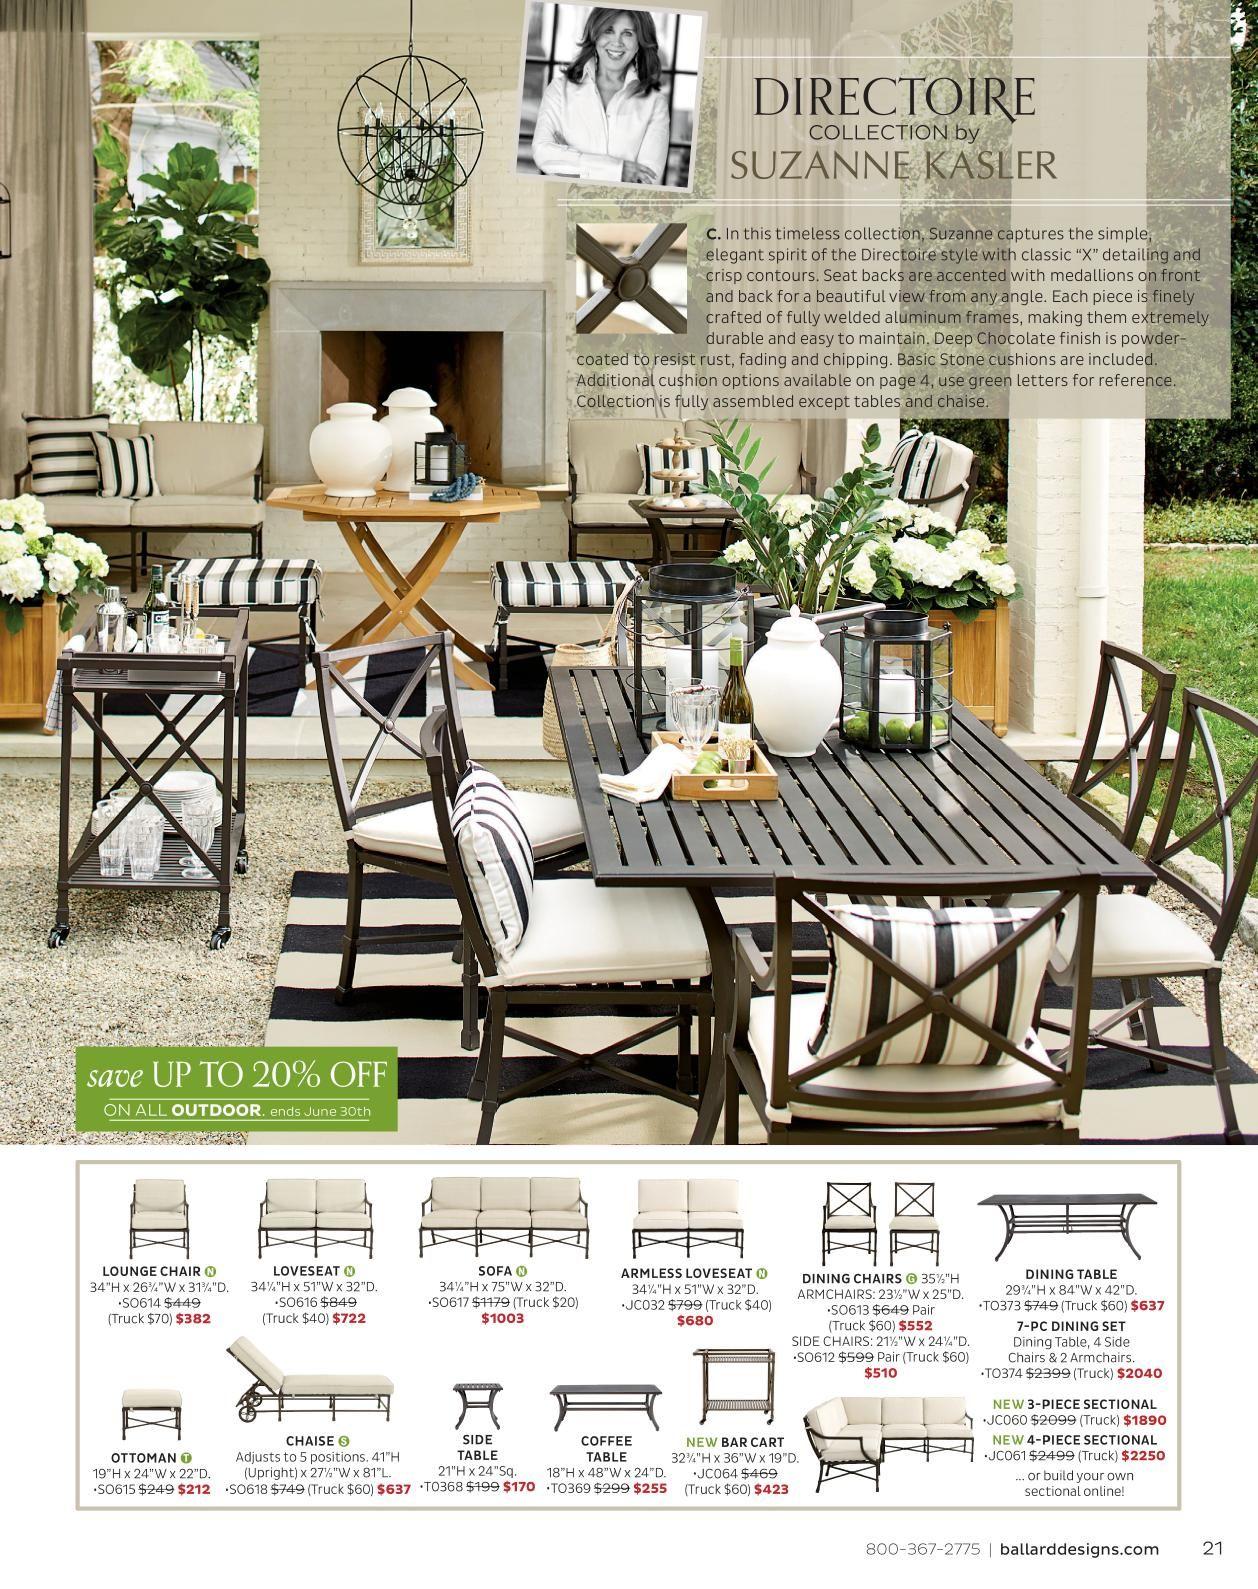 Ballard Designs Online Catalogs Directoire Collection By Suzanne Kasler